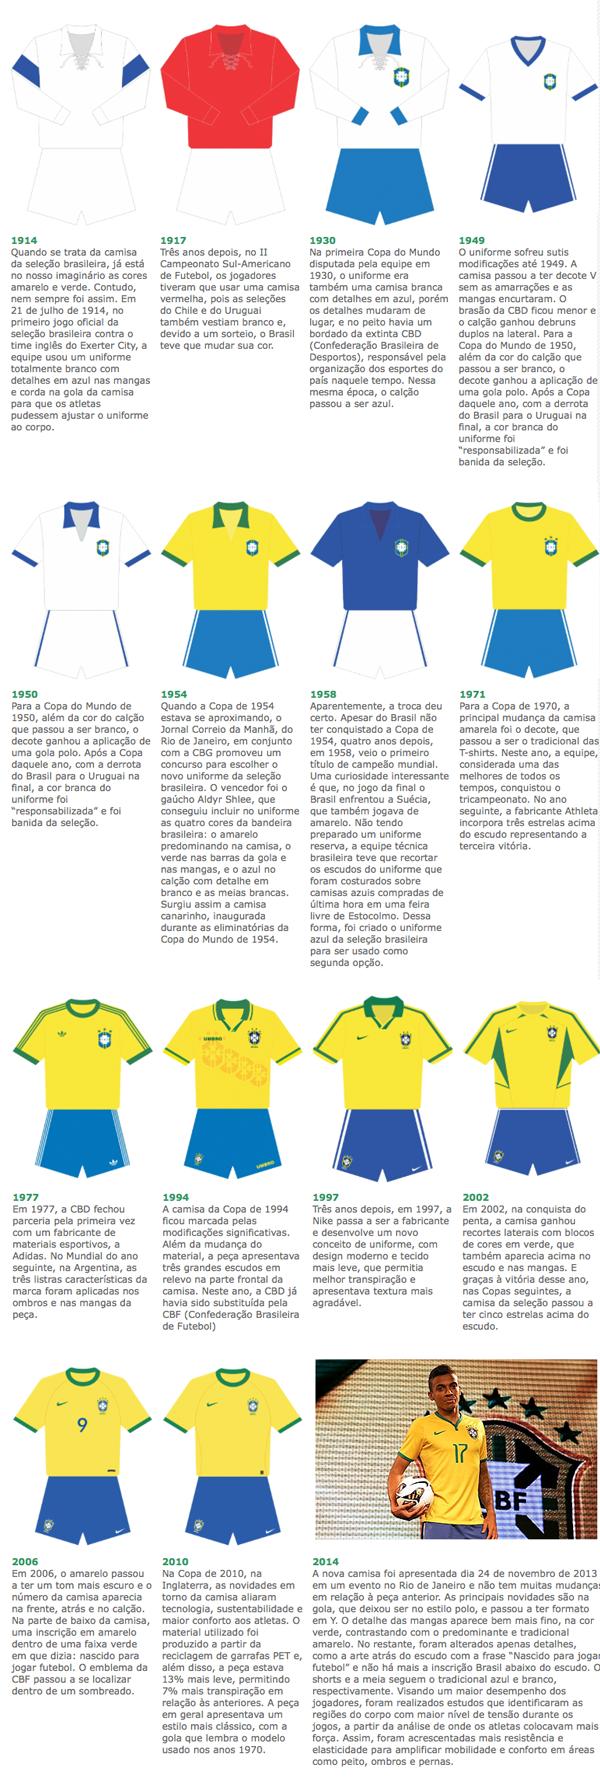 uniformes copa fremplast - Seleção Brasileira: a evolução dos uniformes